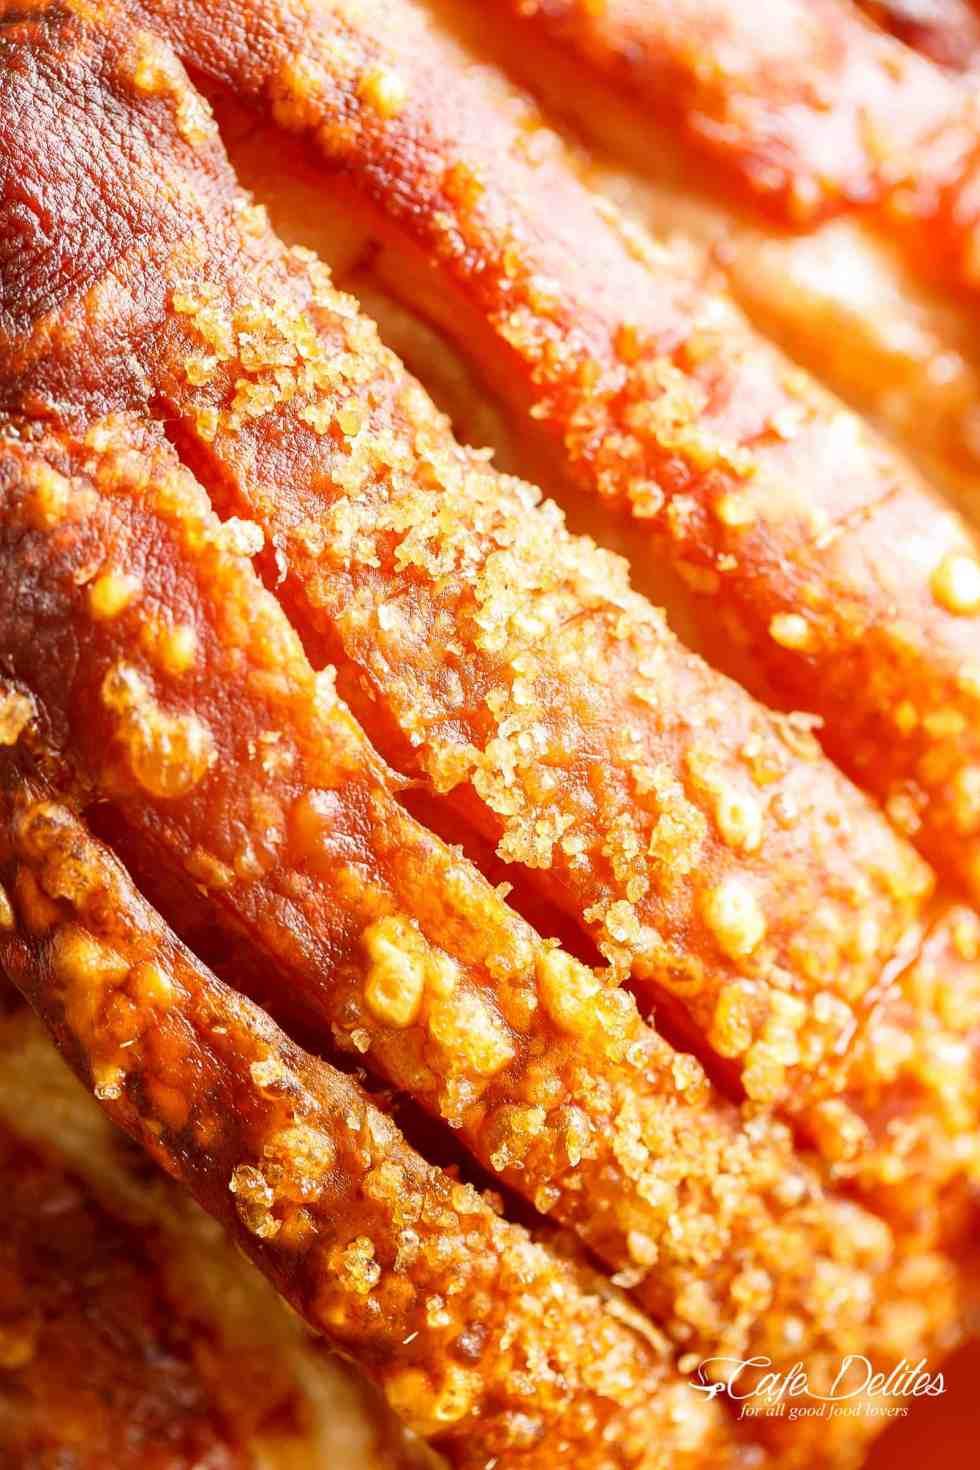 Pork Roast With Crackling! Roasting a pork shoulder or butt is so easy, but to get the crackle makes   cafedelites.com